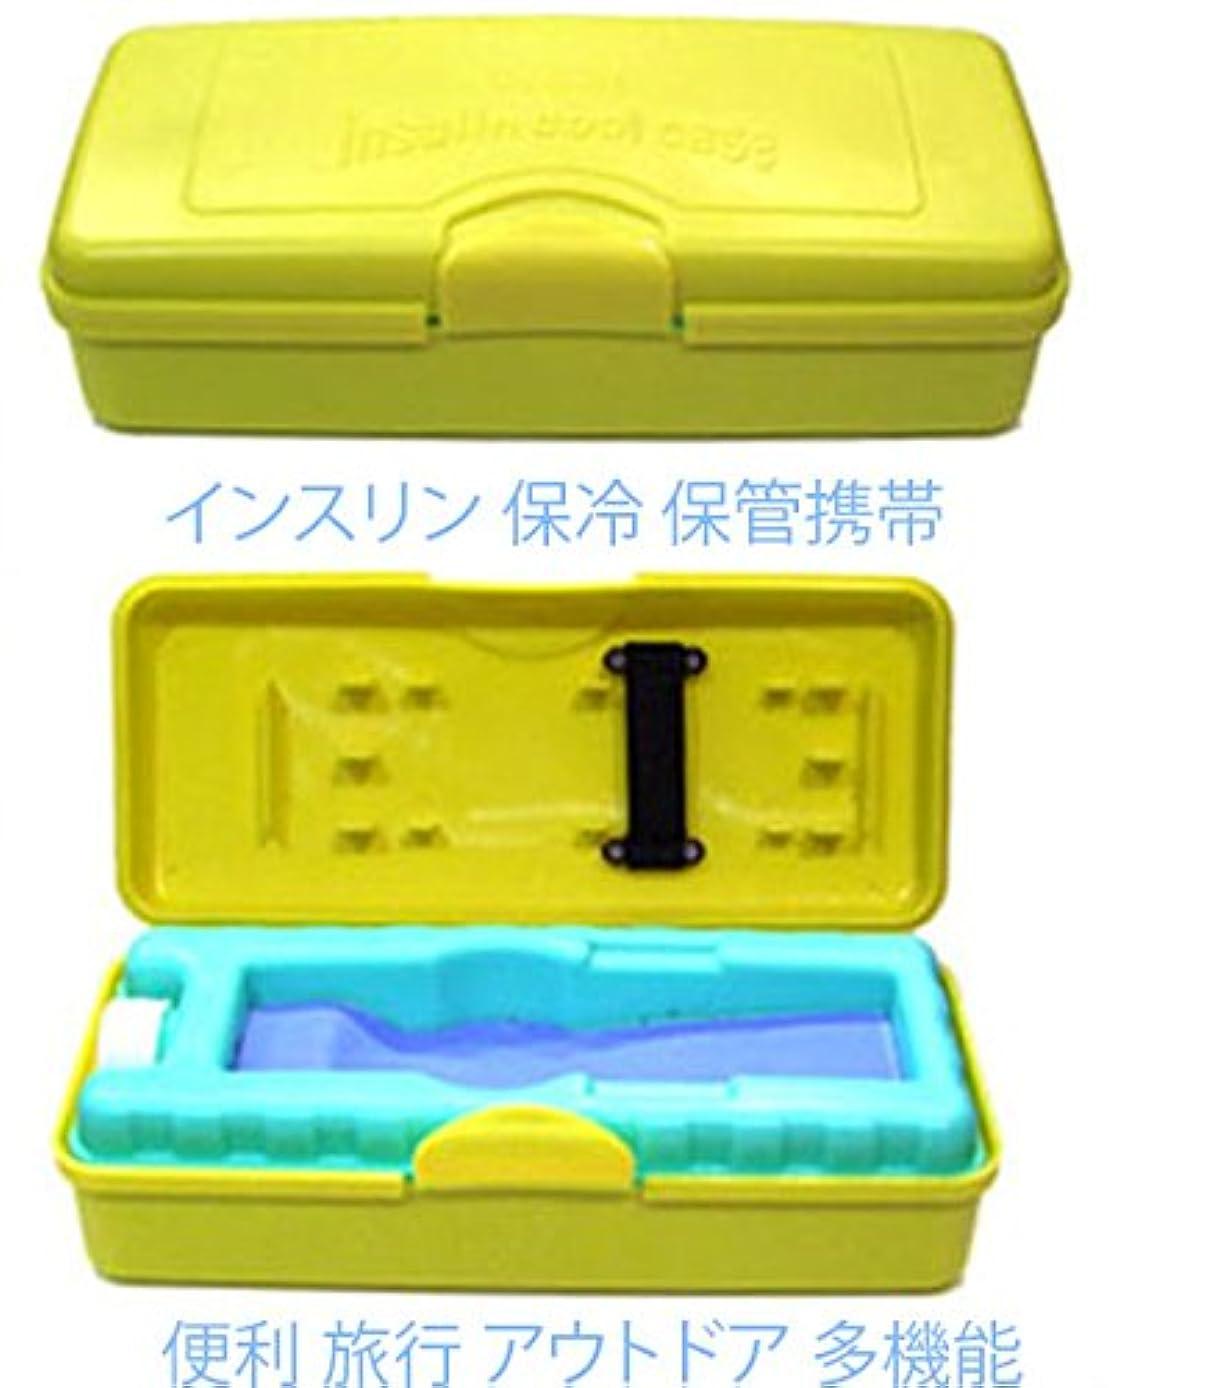 しおれた司法明らかインスリン保管箱、、インスリンポーチ 保冷 携帯 に 便利 旅行 アウトドア 多機能